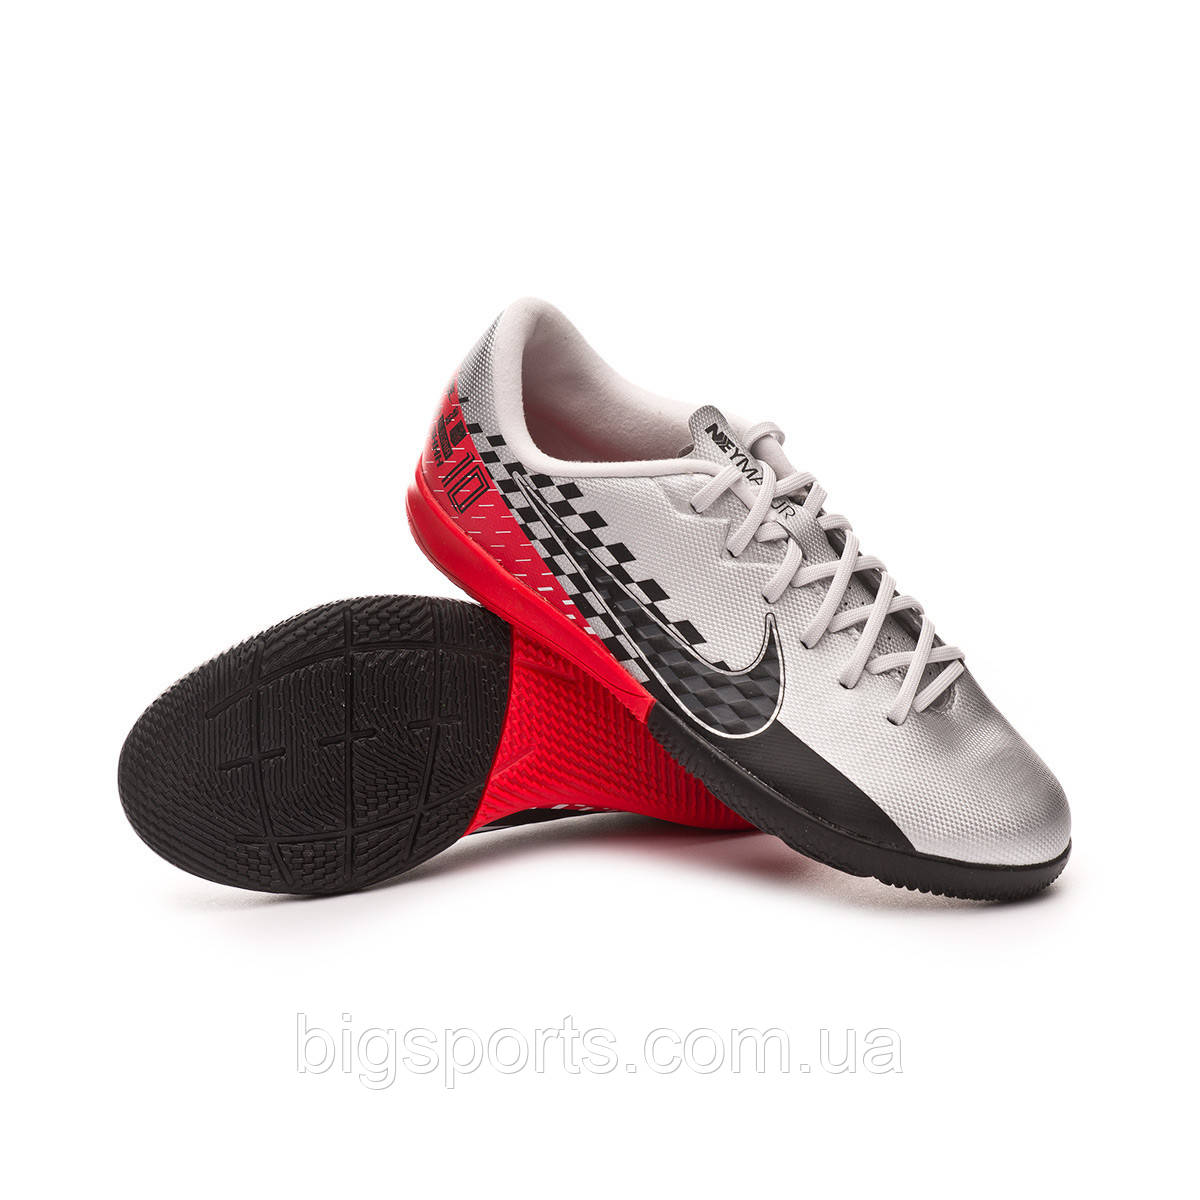 Бутсы футбольные для игры в зале дет. Nike Jr Vapor 13 Academy Njr IC (арт. AT8139-006)